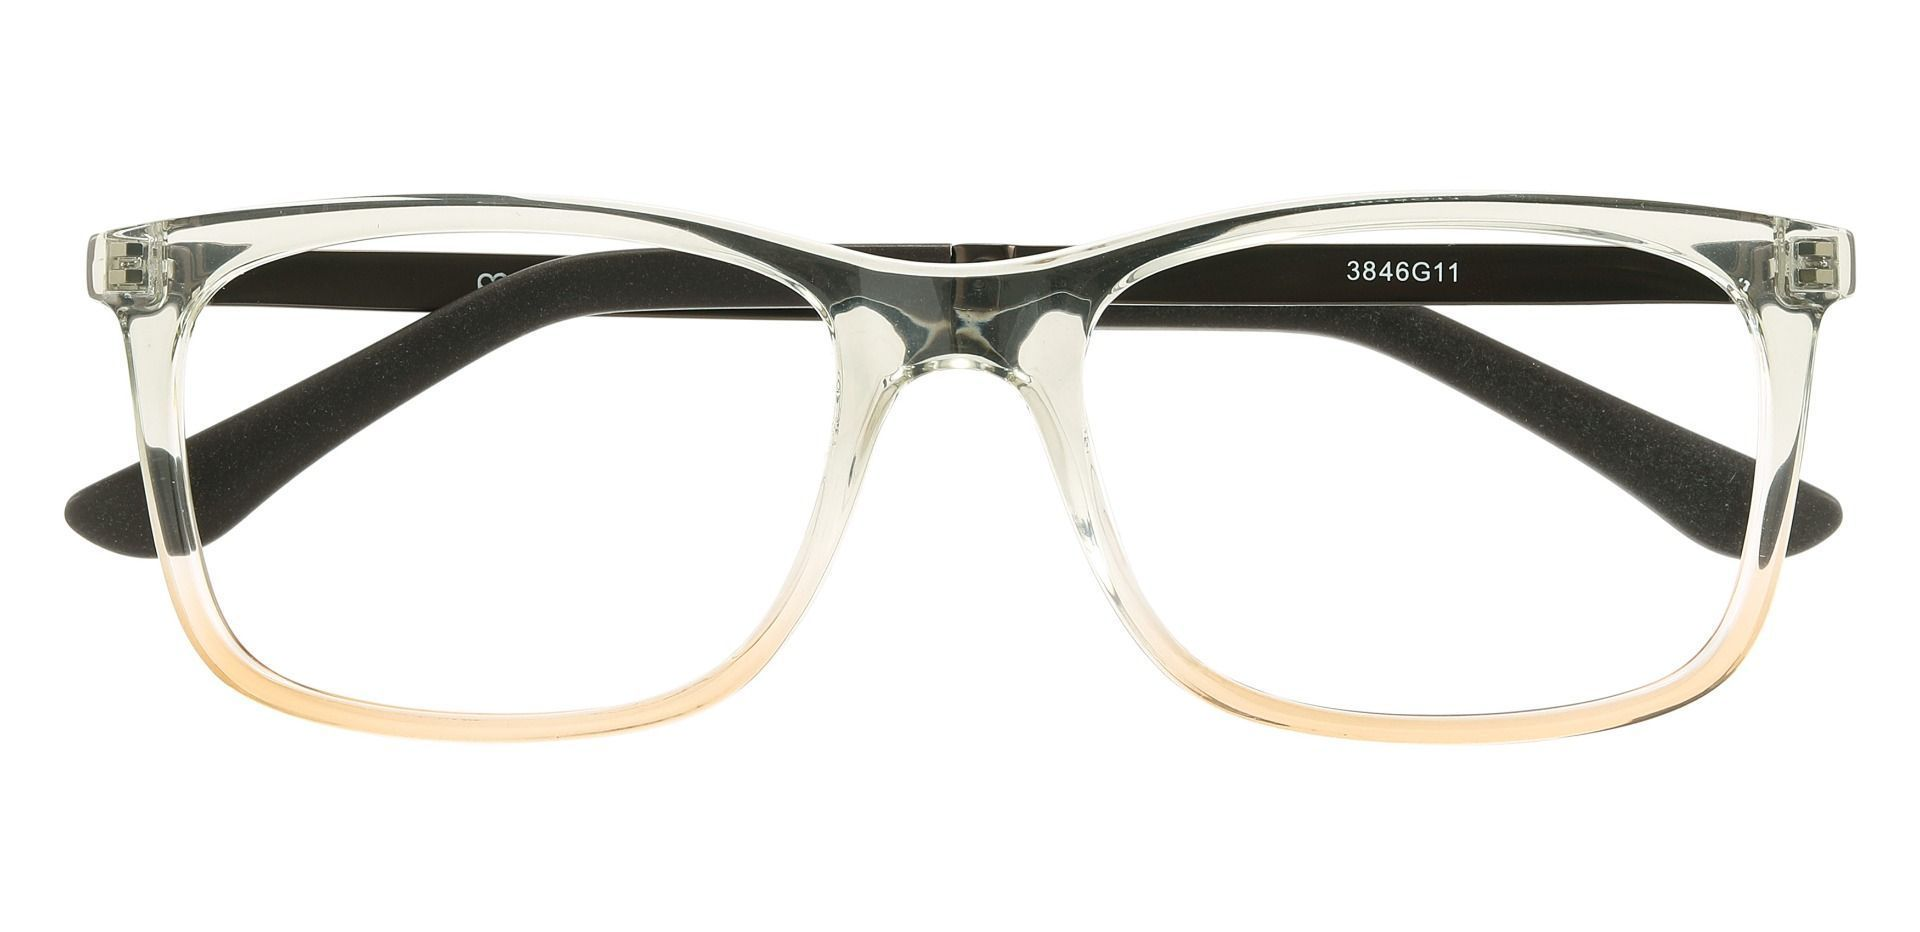 Kemper Rectangle Prescription Glasses - Gray